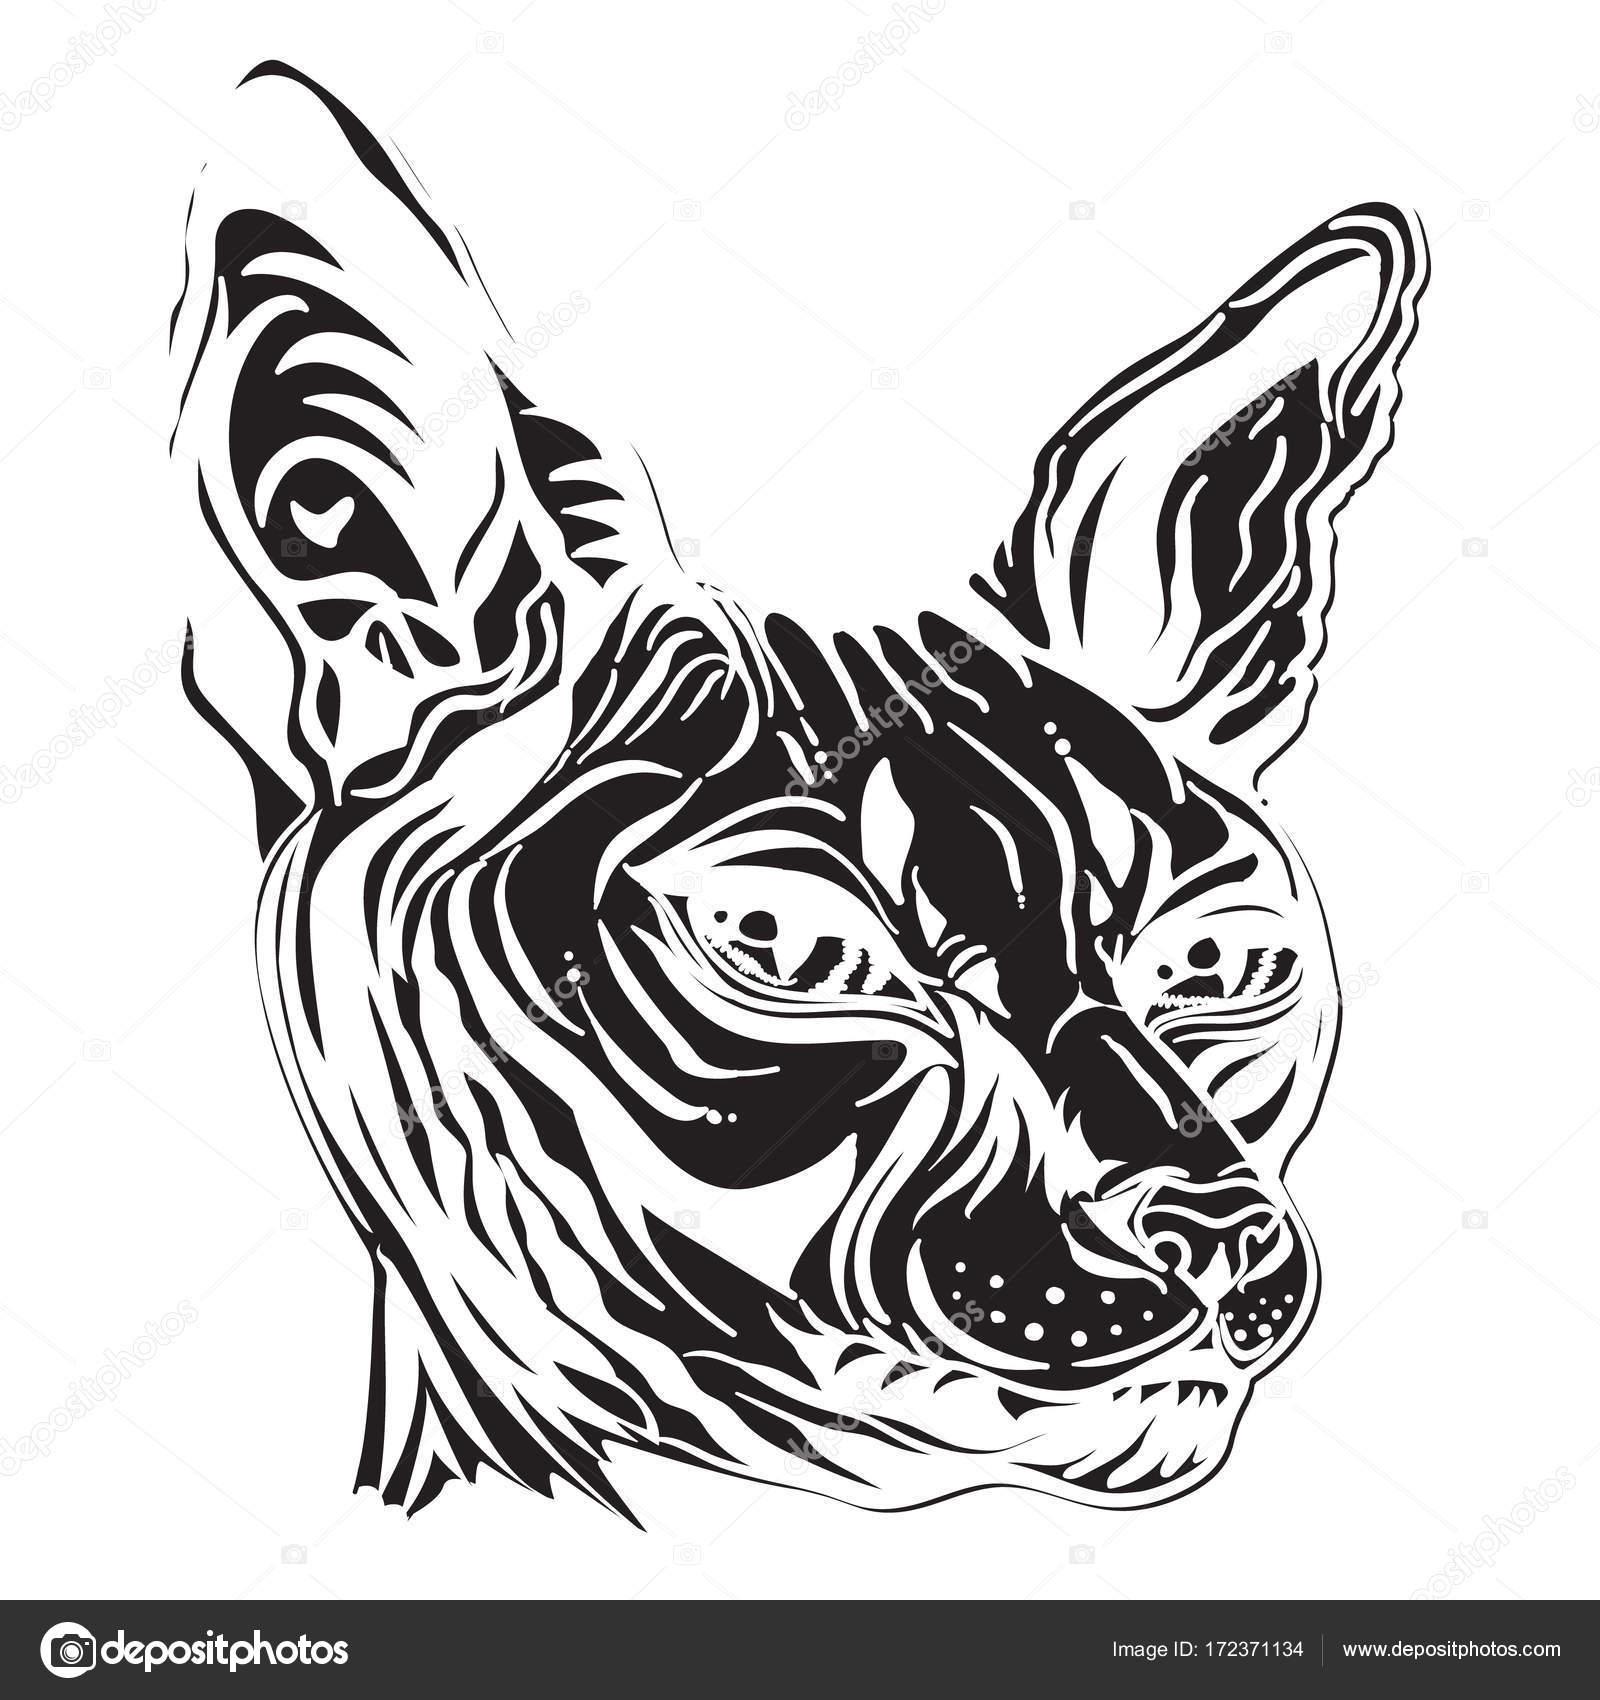 Gato Egipcio Diseño Dibujo De Una Cabeza De Gatos Blanco Y Negro